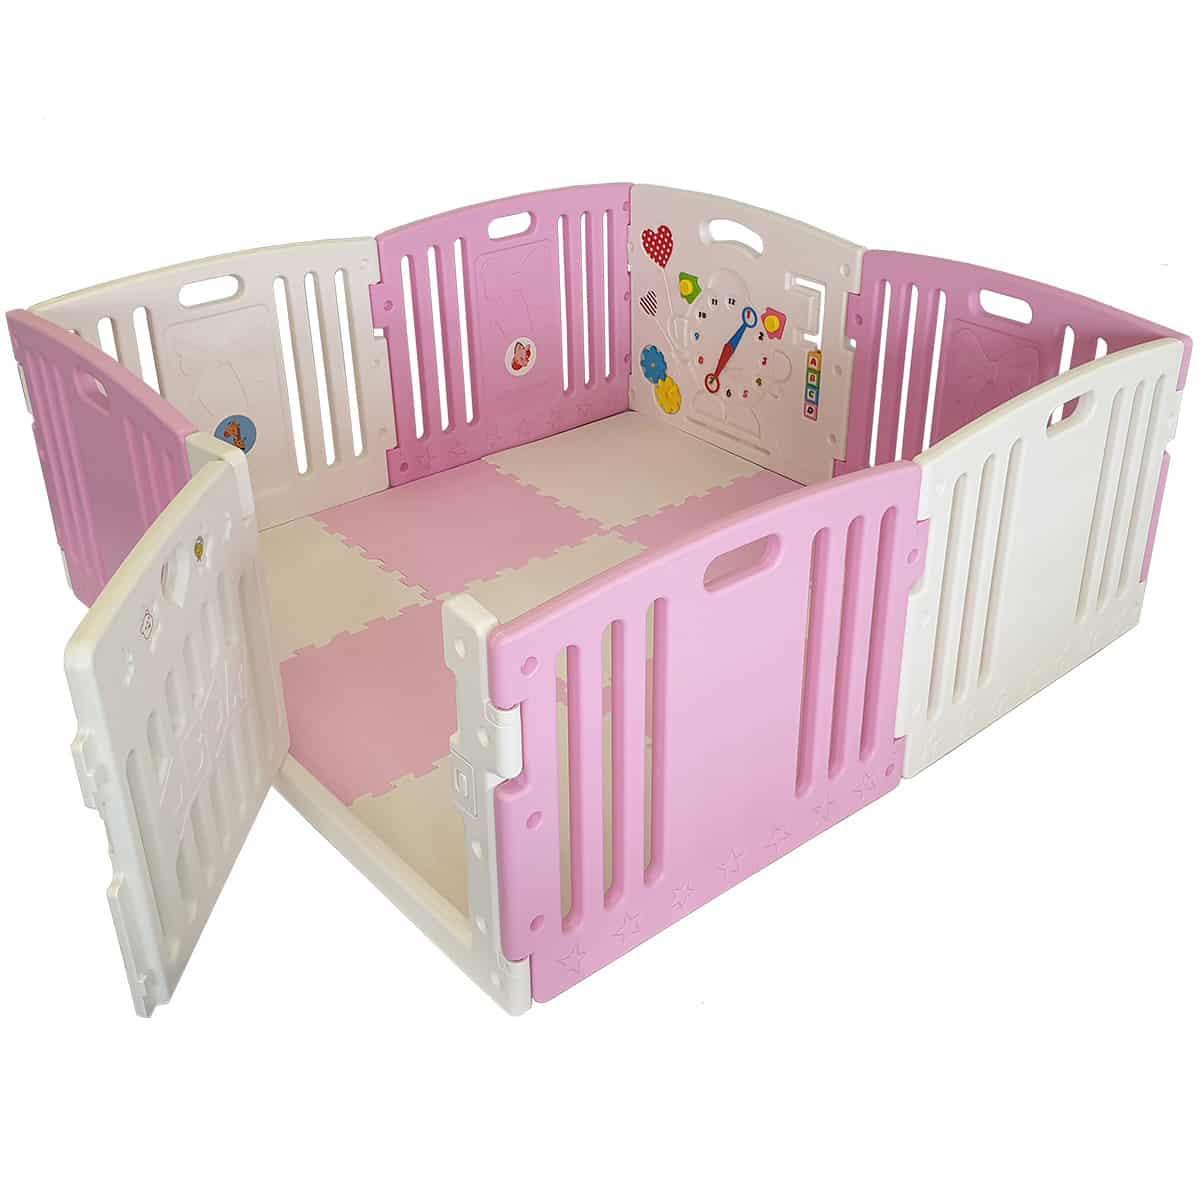 Venture All Stars DUO pink baby playpen